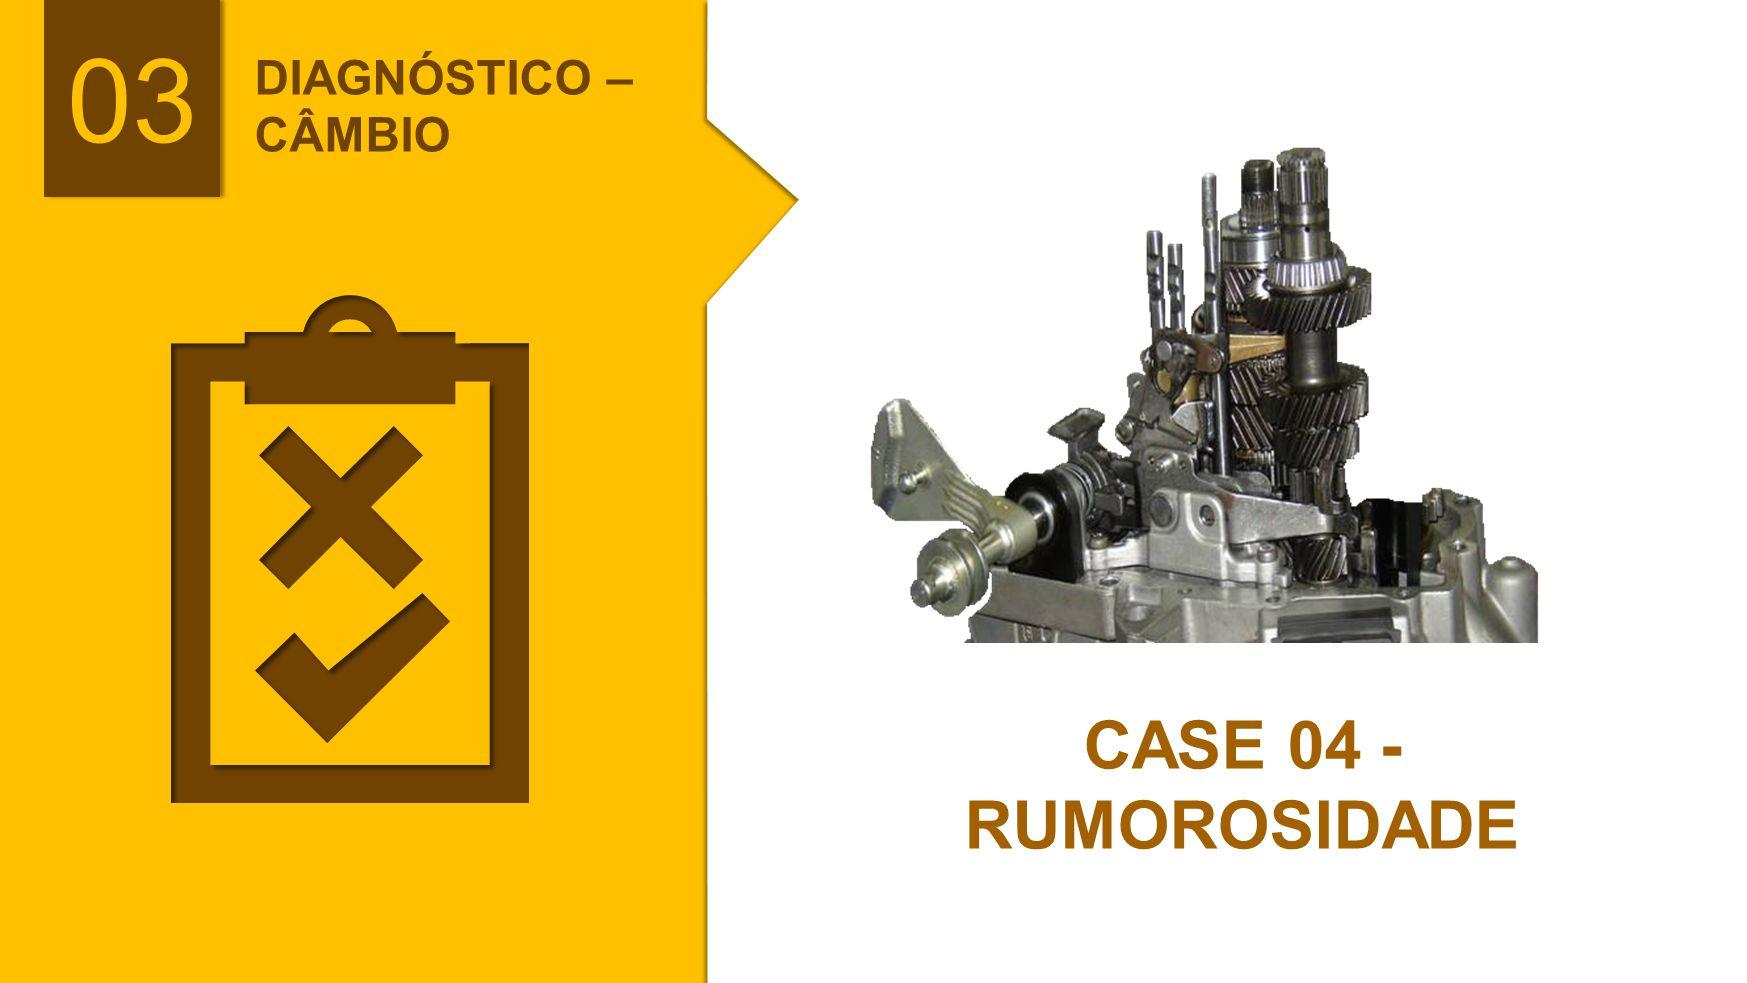 03 CASE 04 - RUMOROSIDADE DIAGNÓSTICO –CÂMBIO PASSO A PASSO: